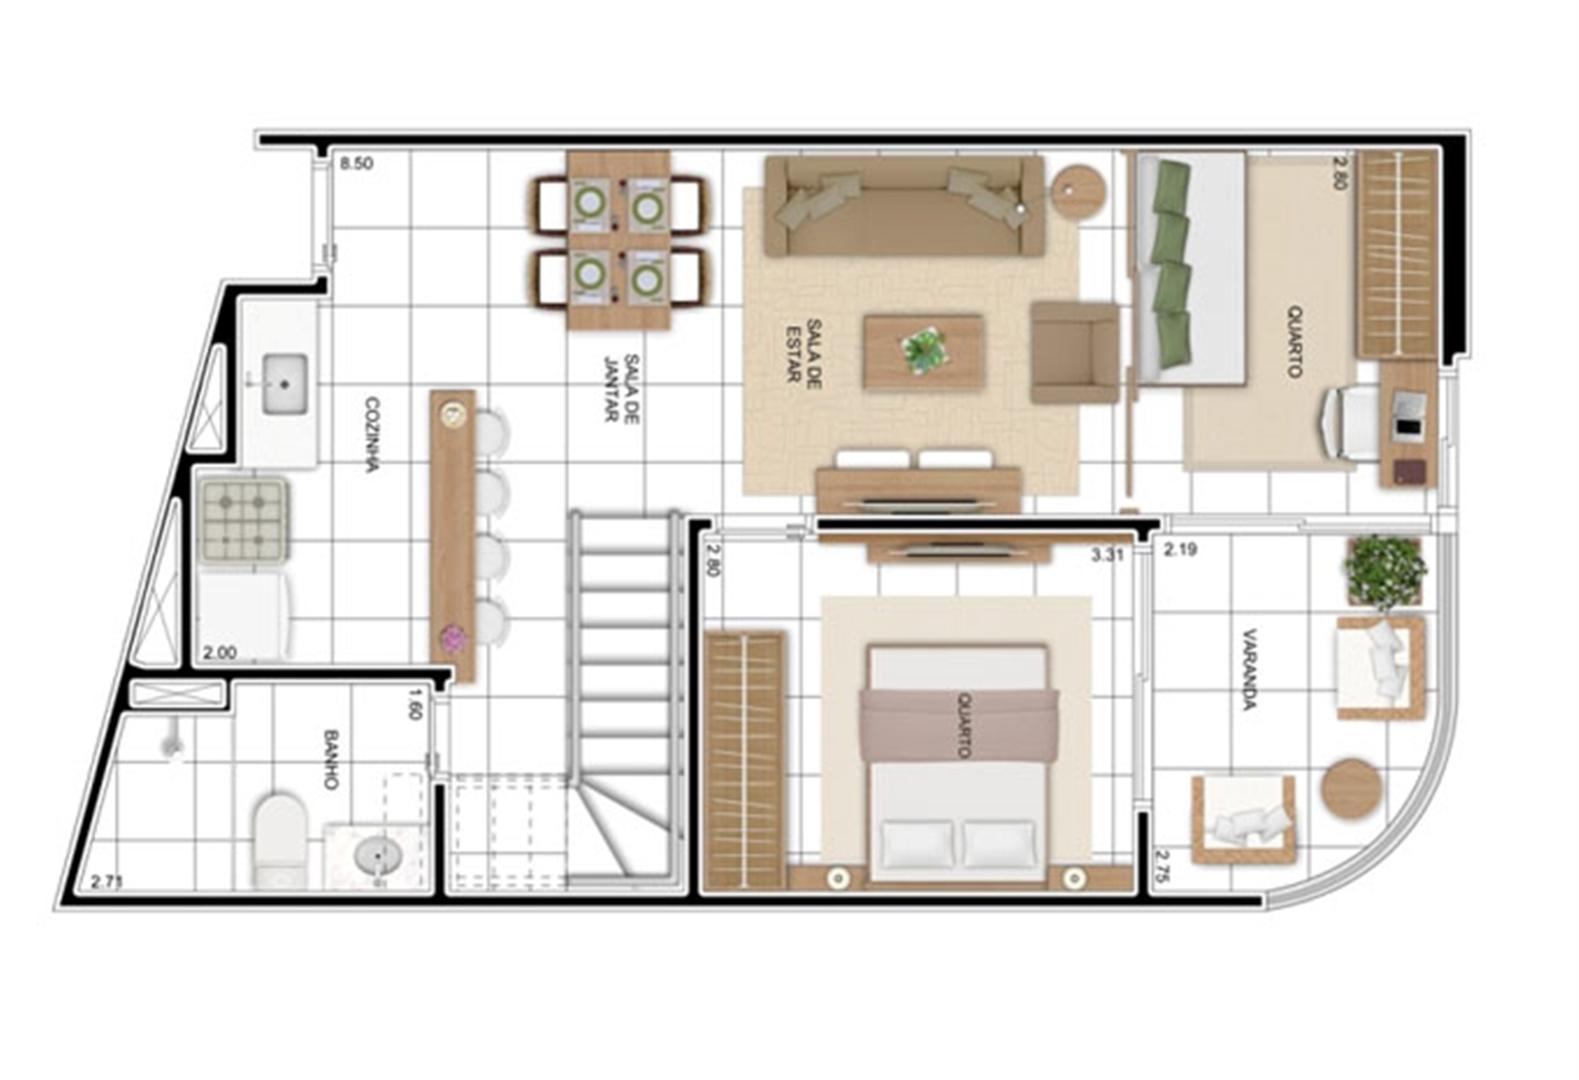 PLANTA - APTO TIPO C - DUPLEX INFERIOR 114 m²  | In Mare Bali – Apartamento no  Distrito Litoral de Cotovelo - Parnamirim - Rio Grande do Norte